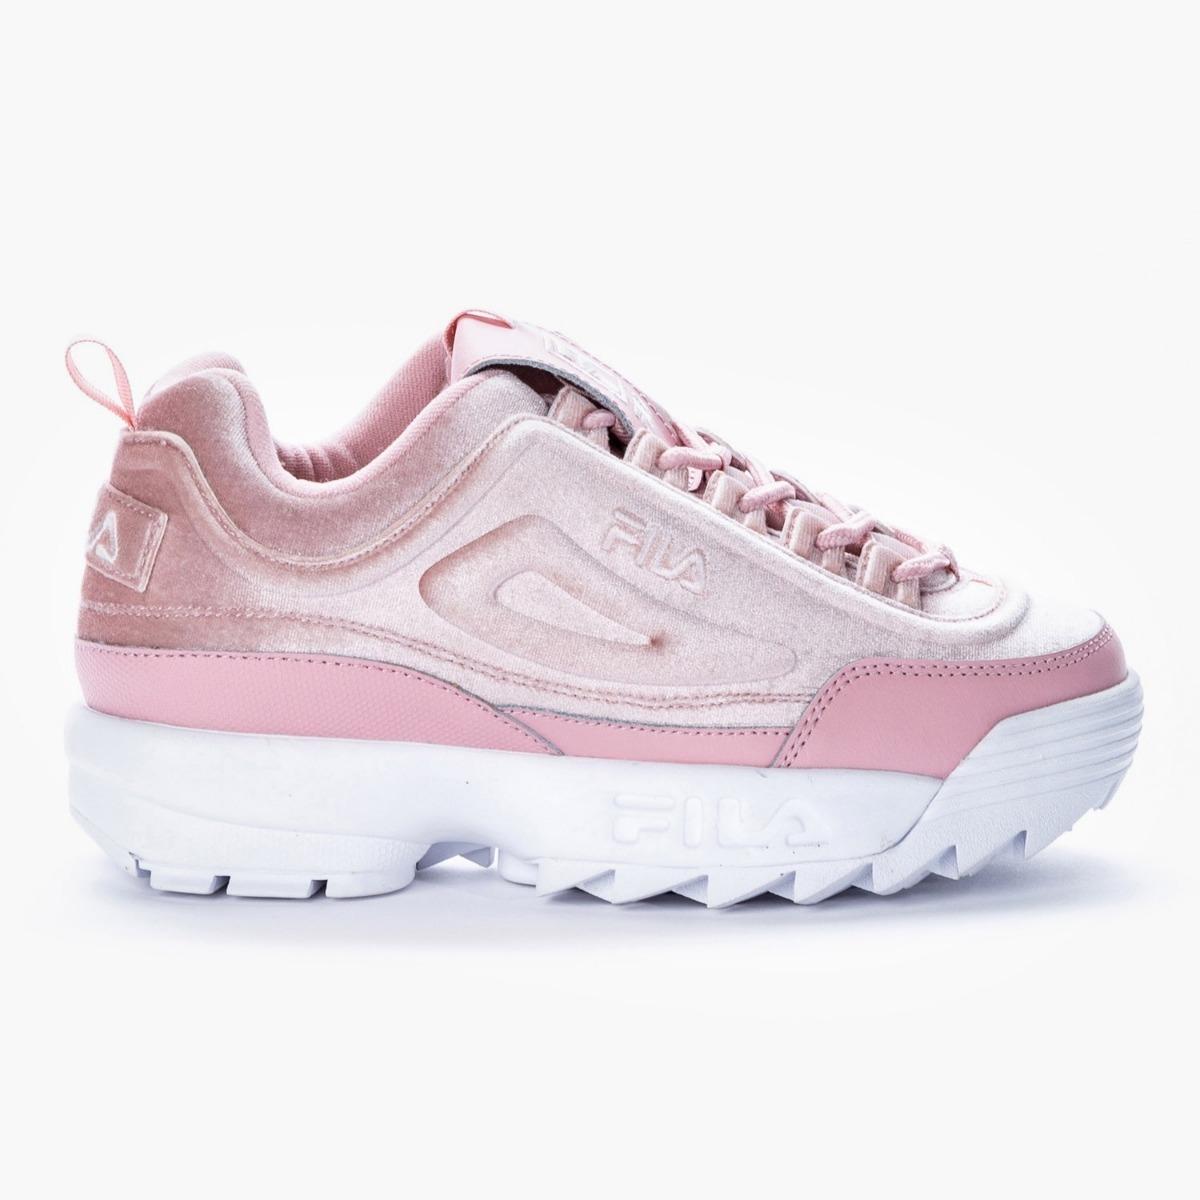 barato Zapatillas Fila Disruptor II Premium Mujer Rosa